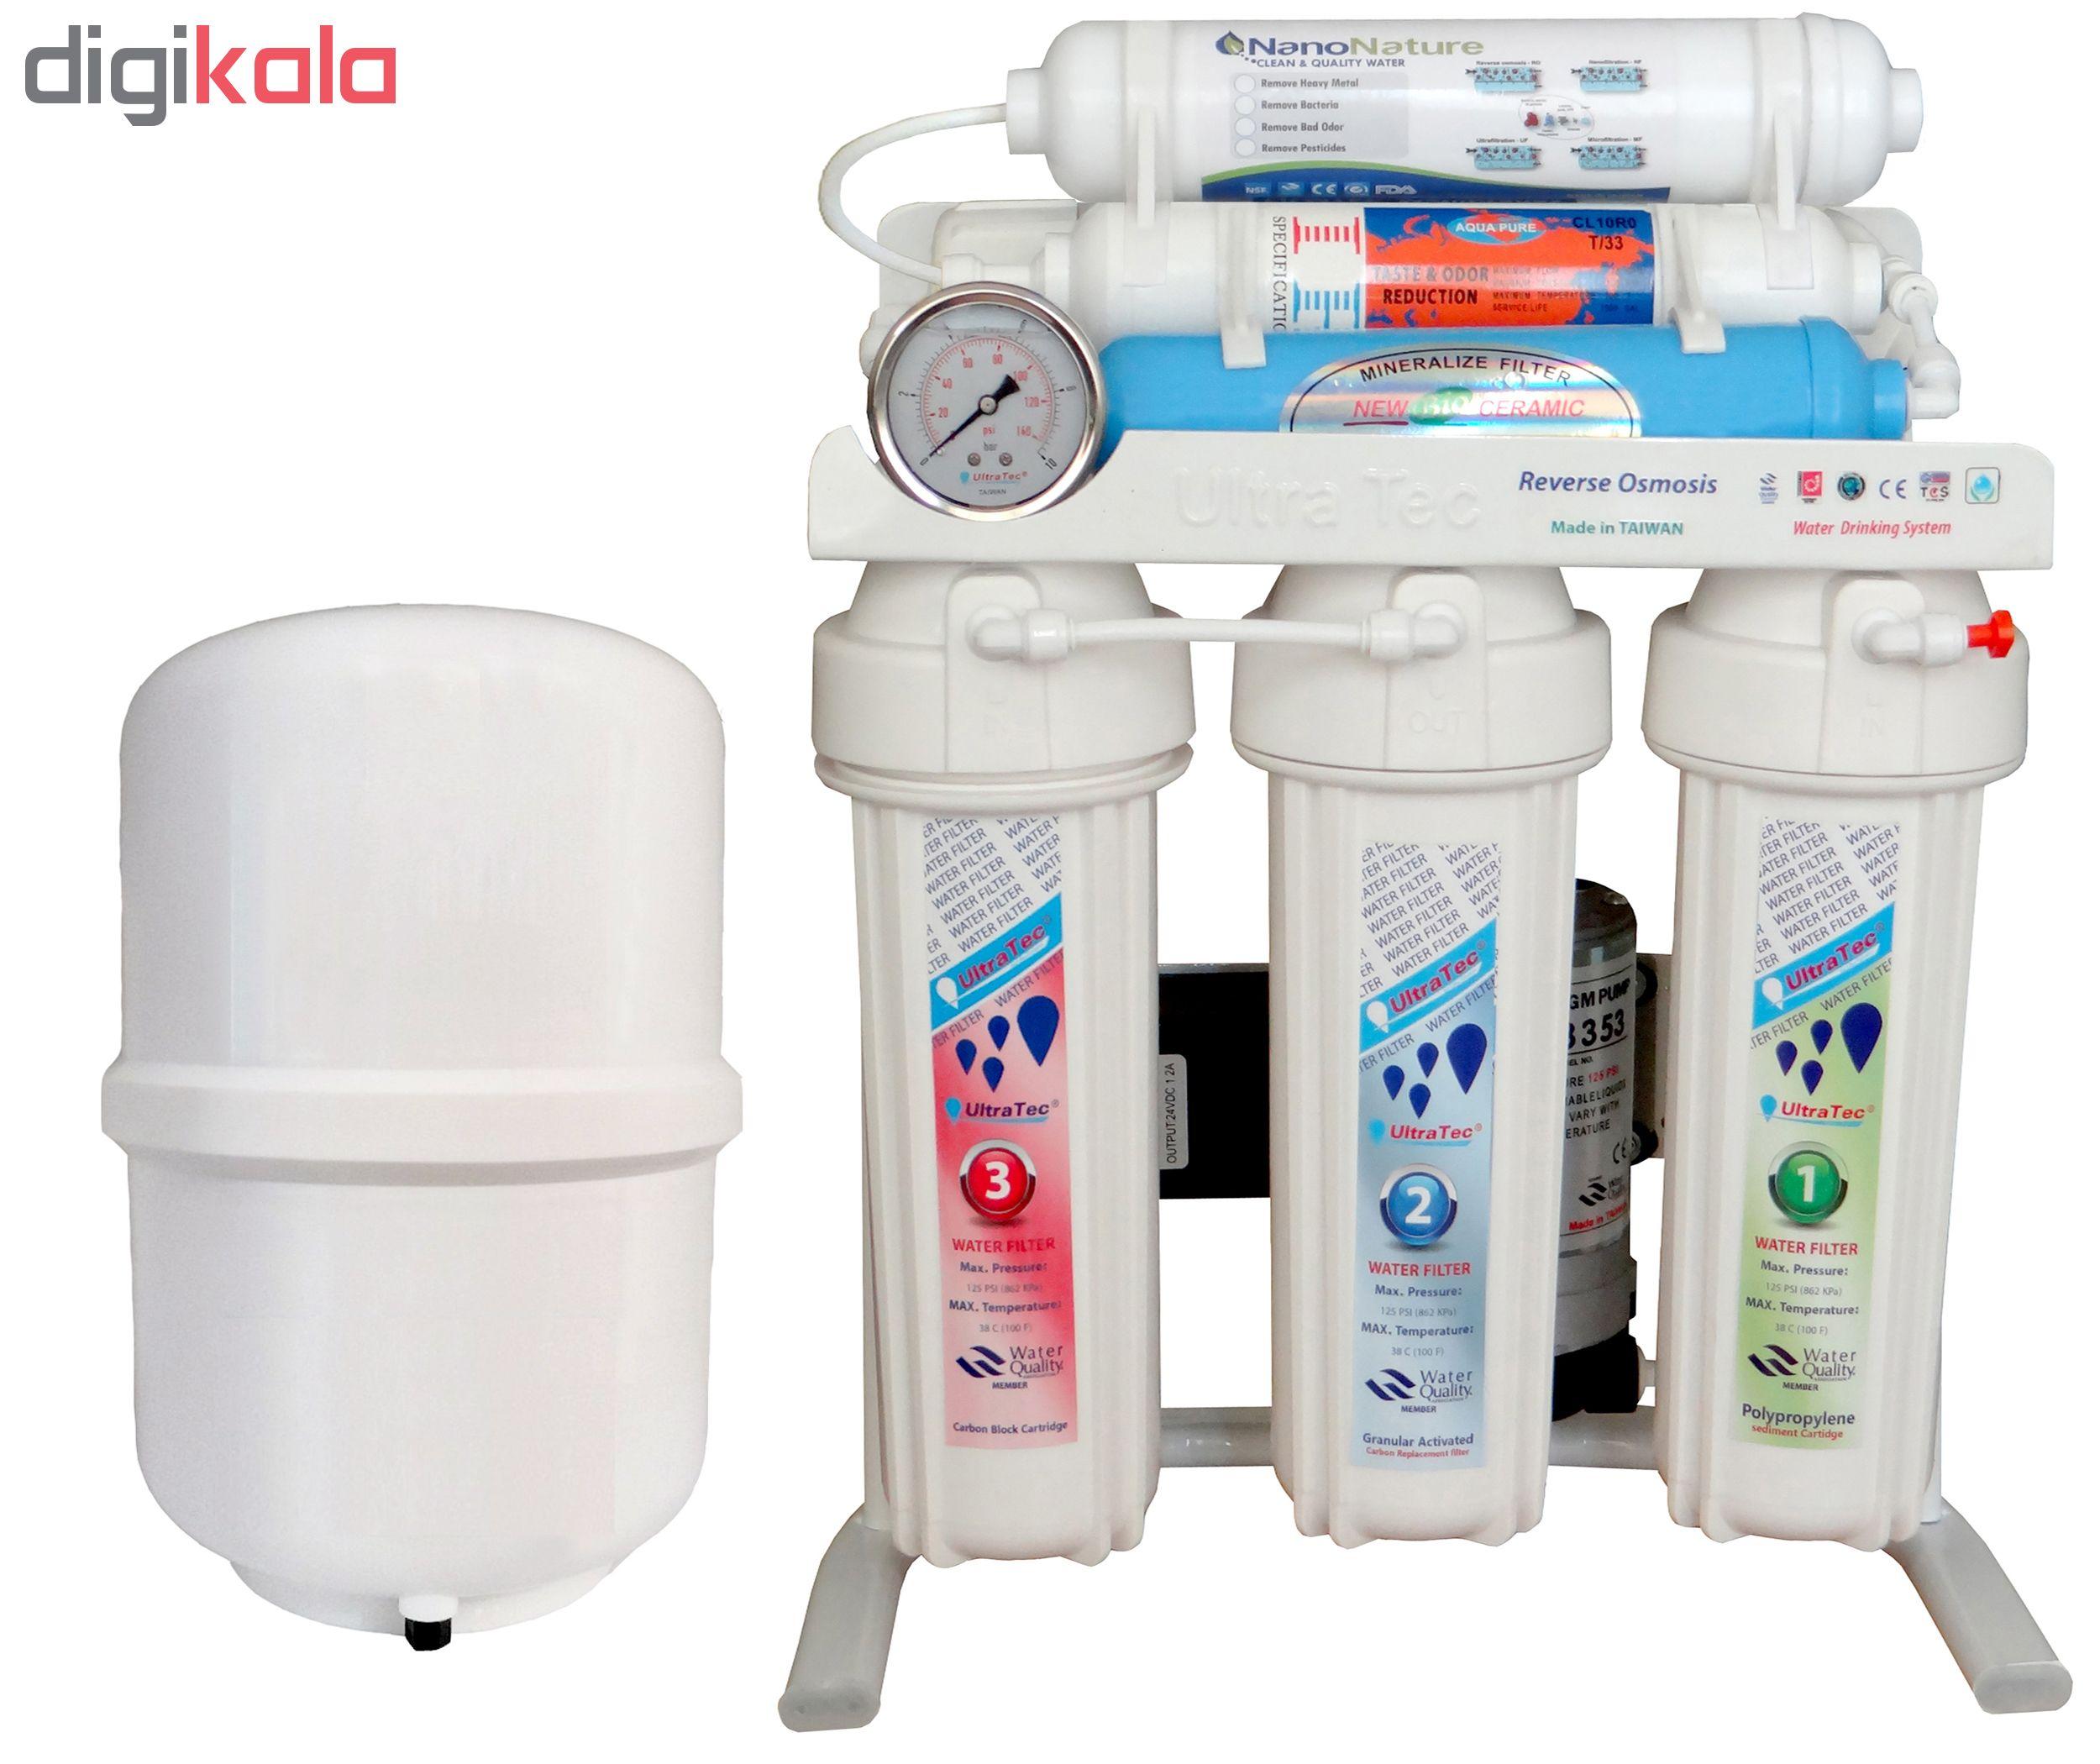 دستگاه تصفیه کننده آب اولترا تک مدل Water Softener -UT1200